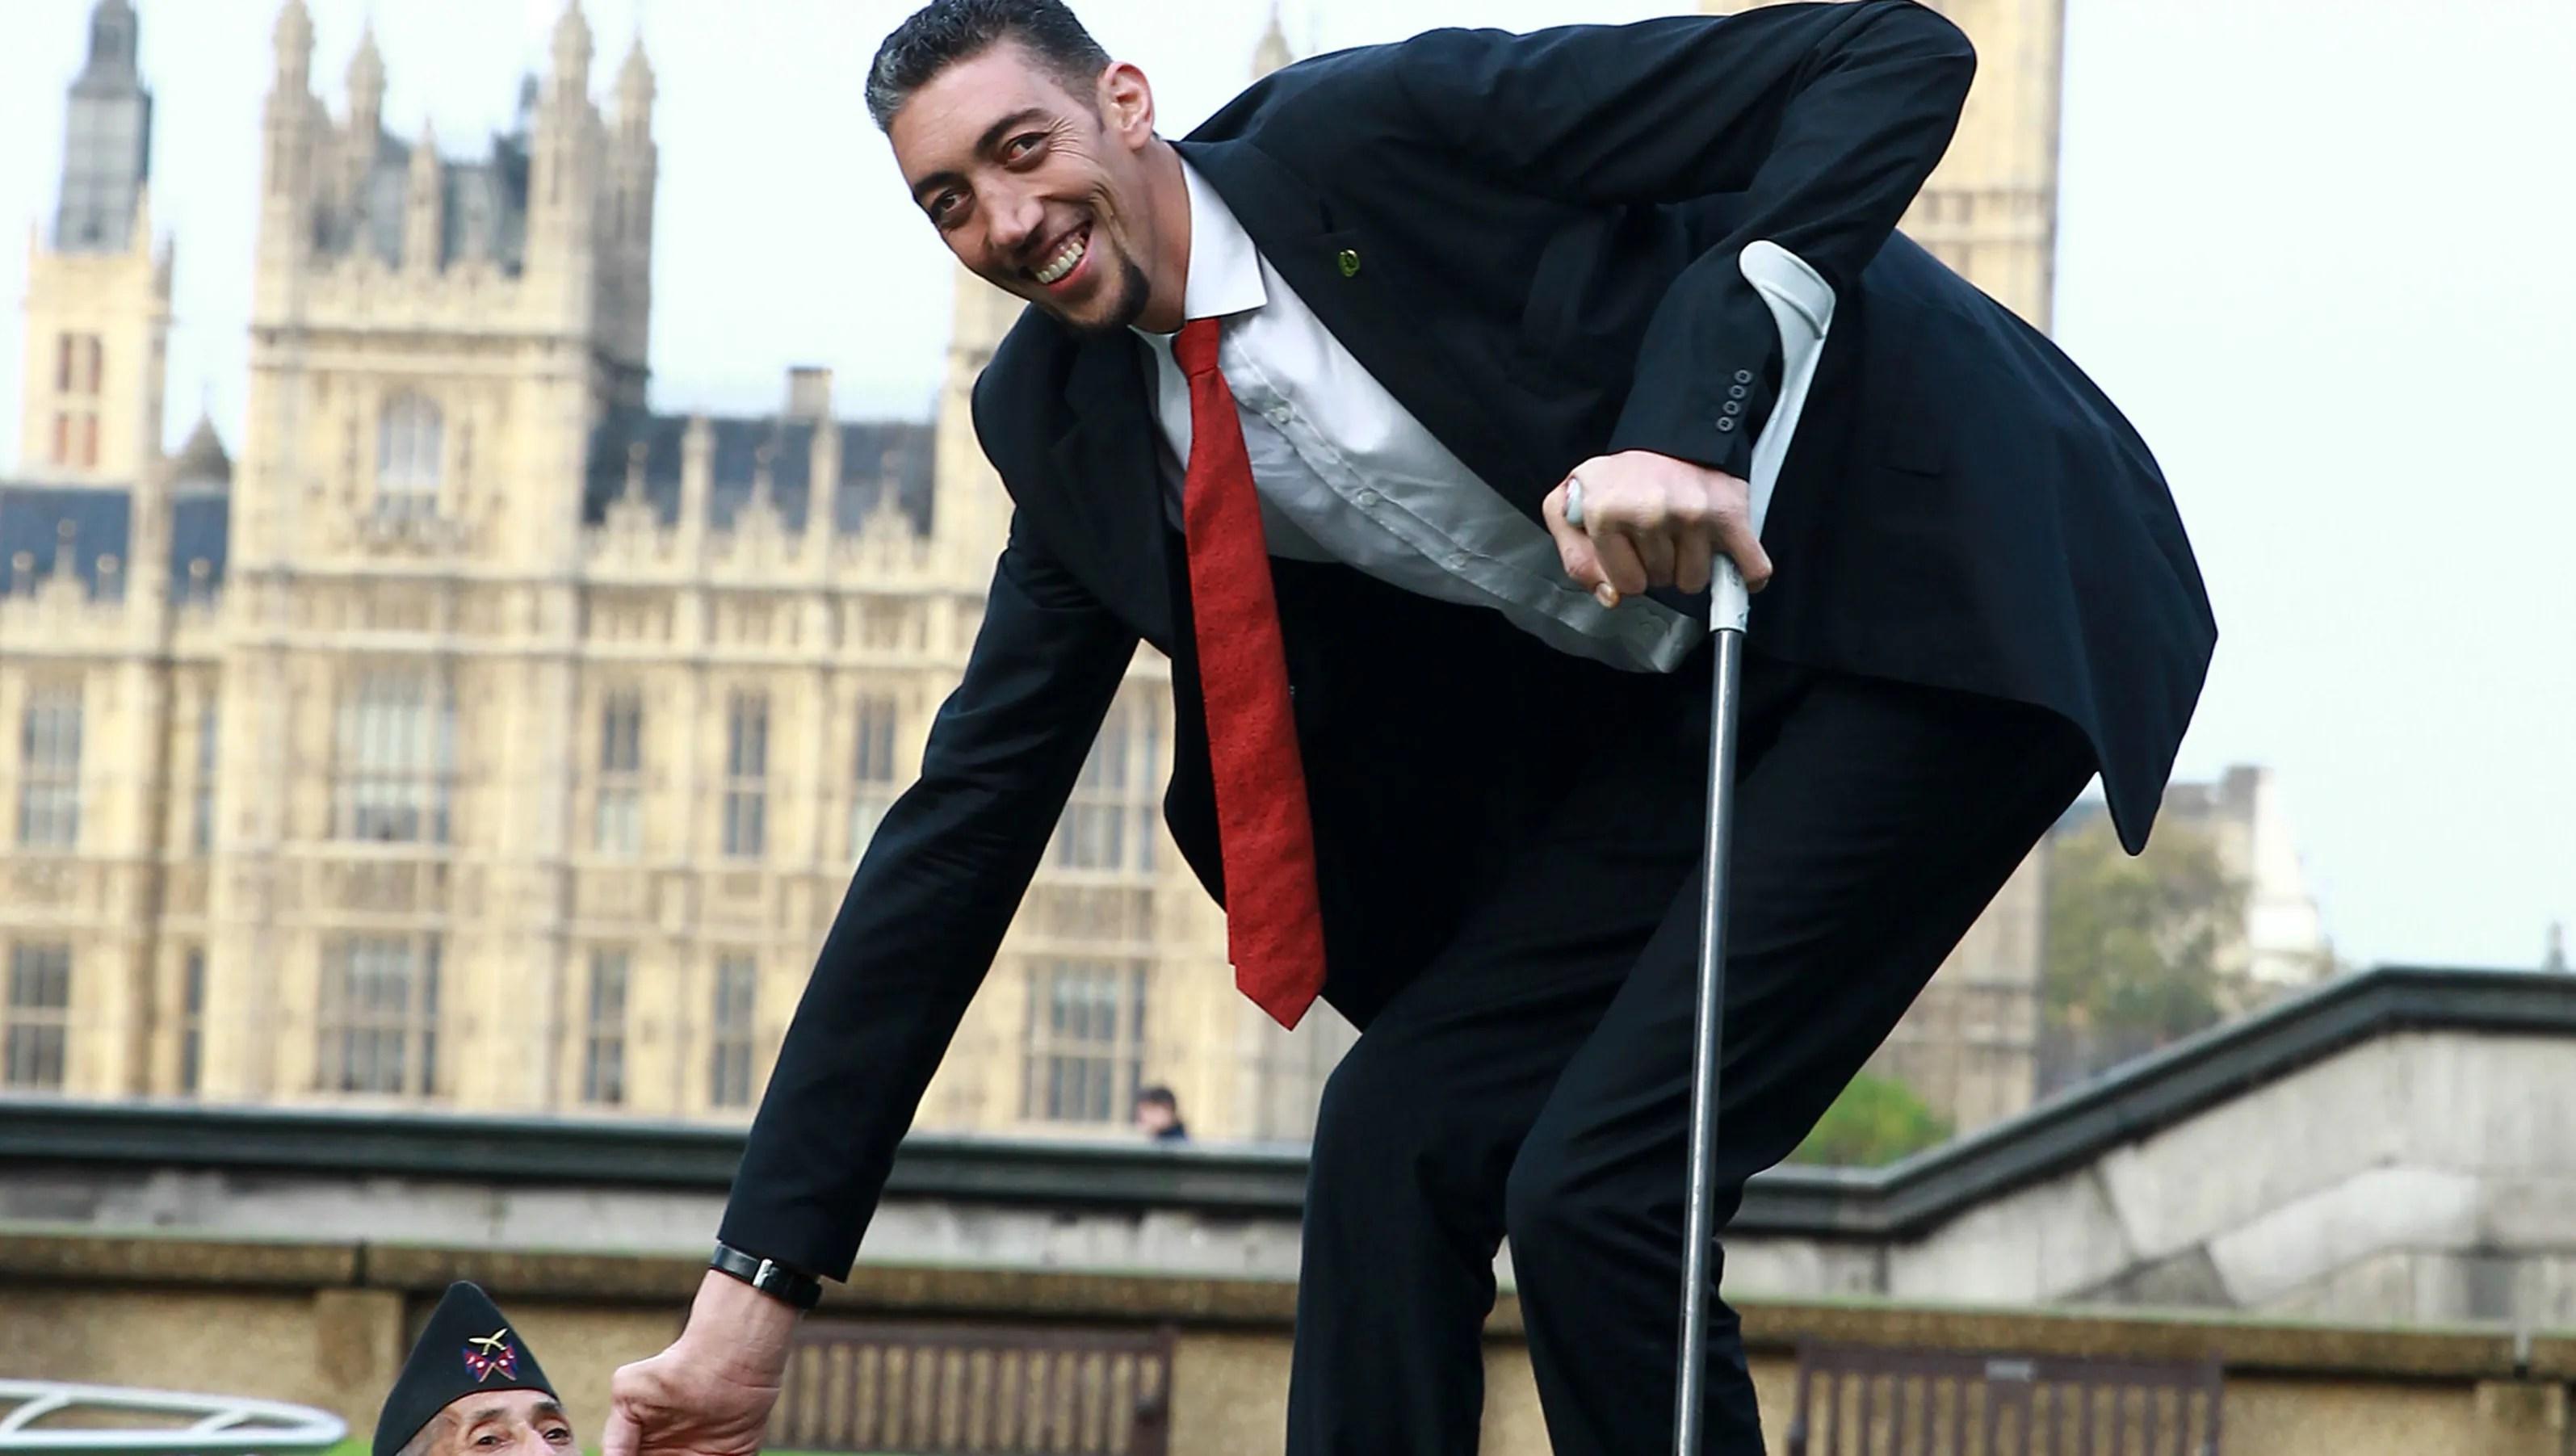 World S Tallest Man Meets World S Shortest Man